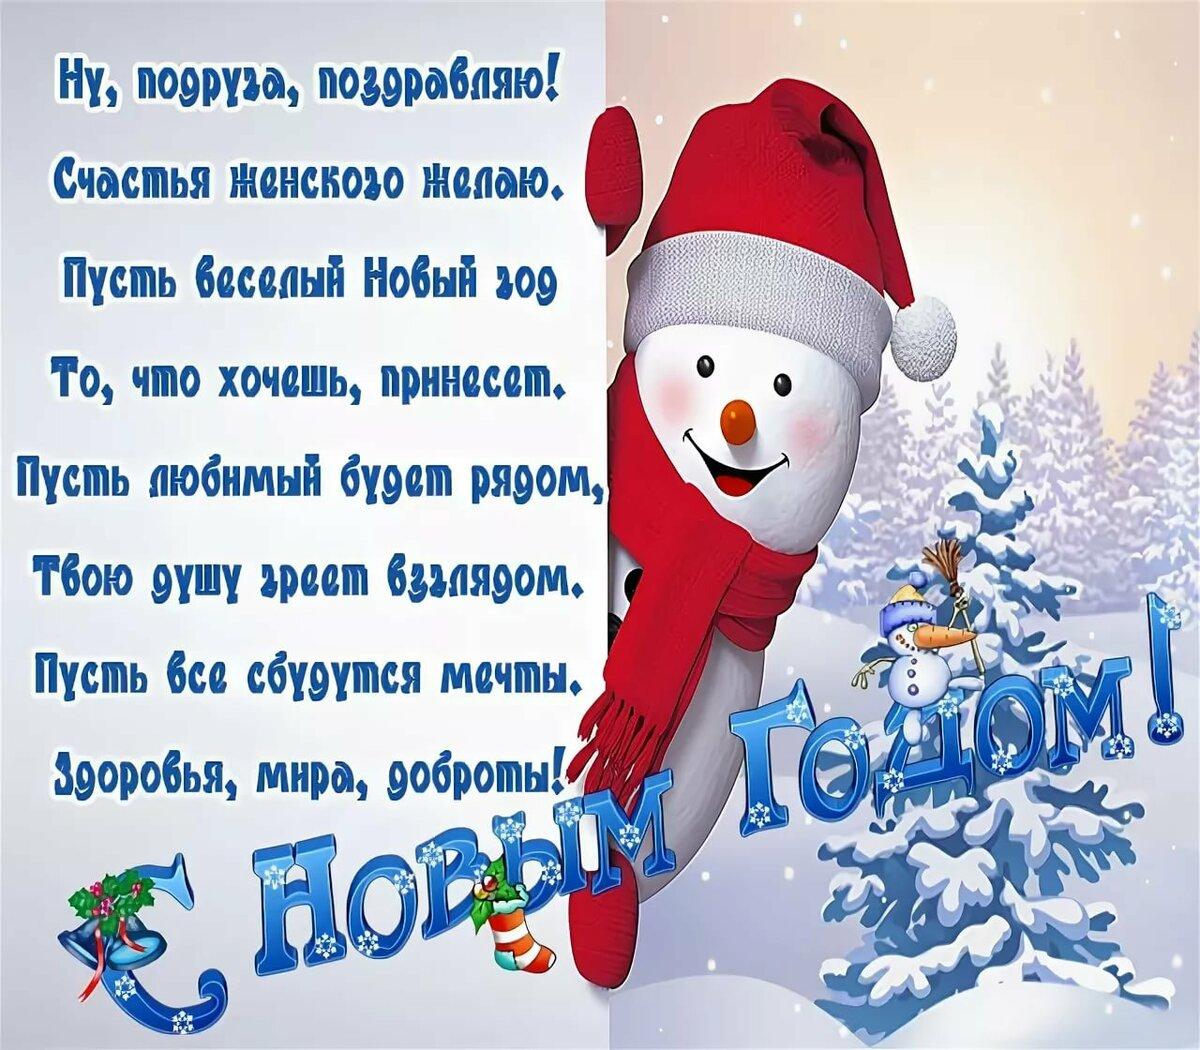 Самые лучшие и прикольные поздравления с новым годом